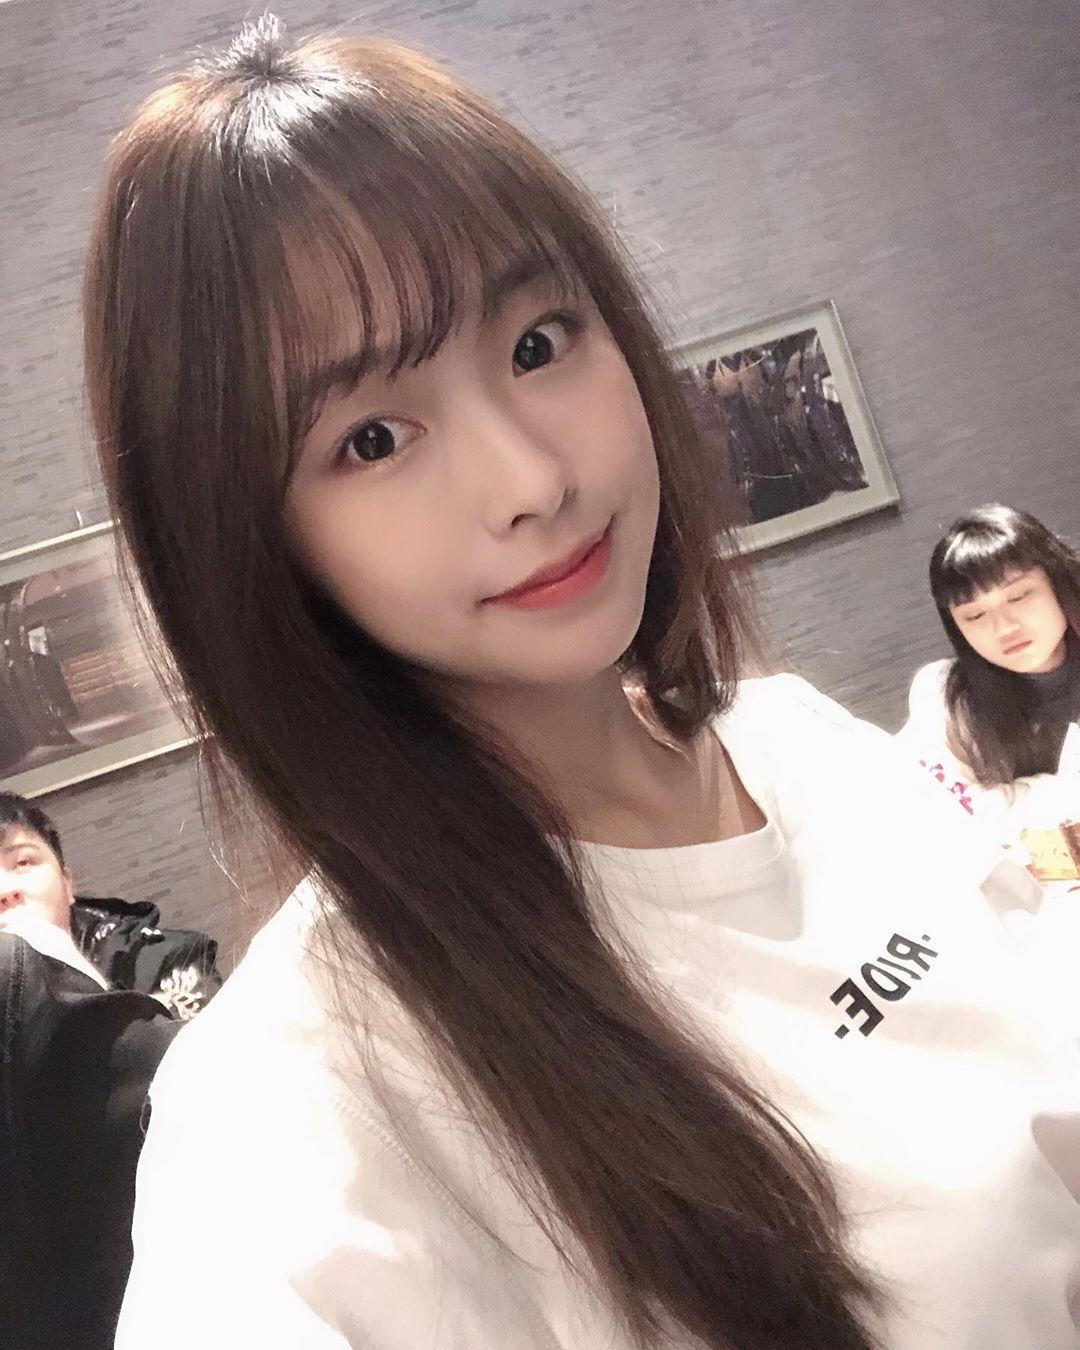 5QQ8yhzu o - IG正妹—湘湘